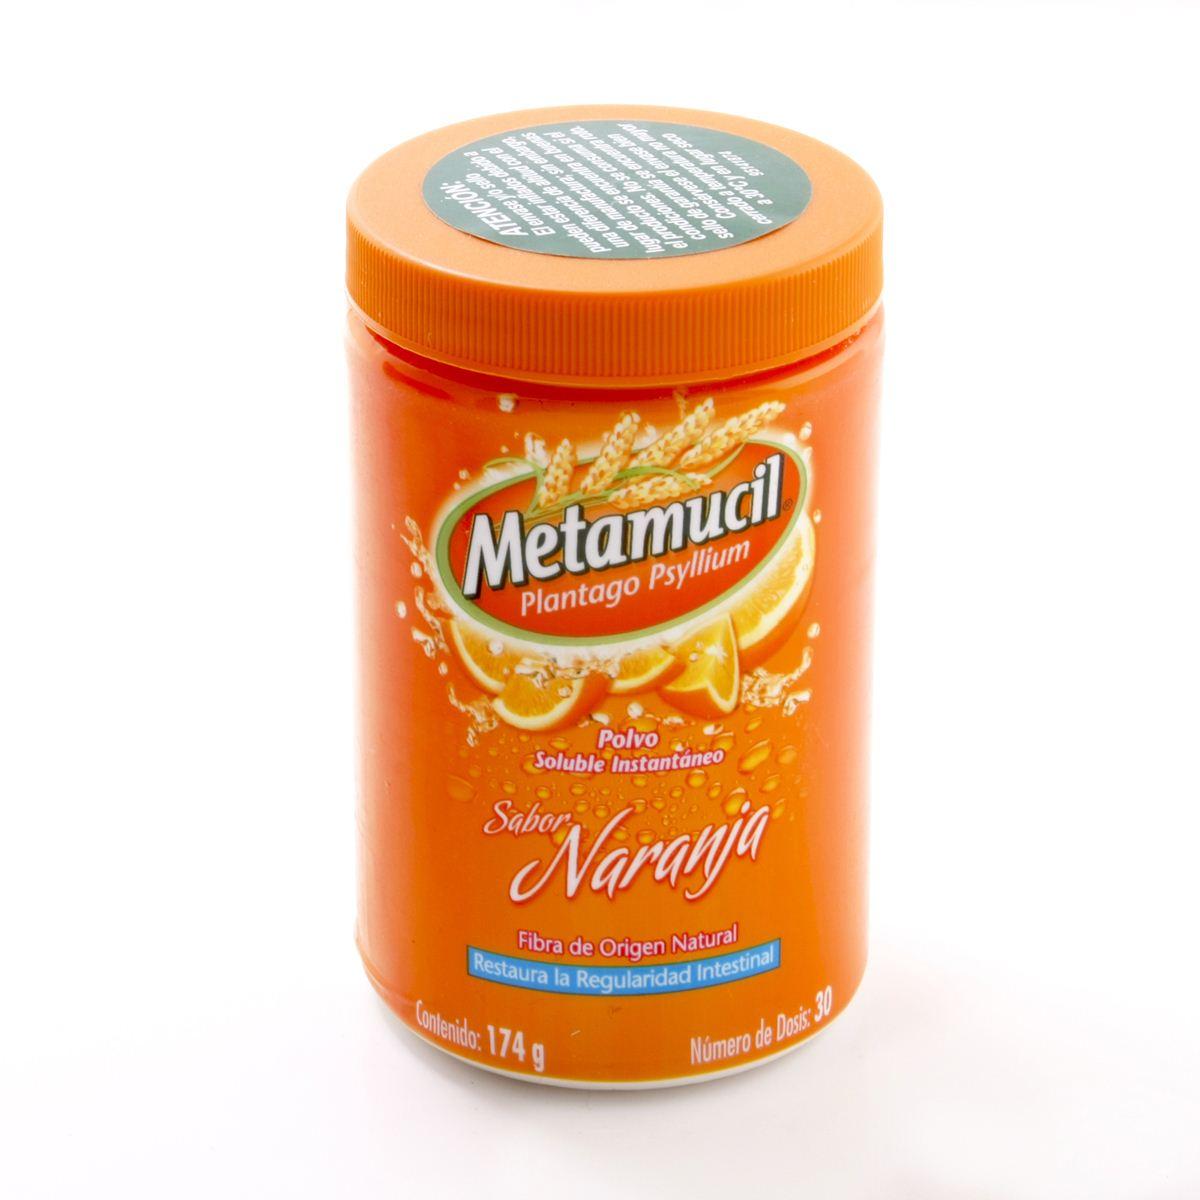 Metamucil Polvo 174 gr Naranja